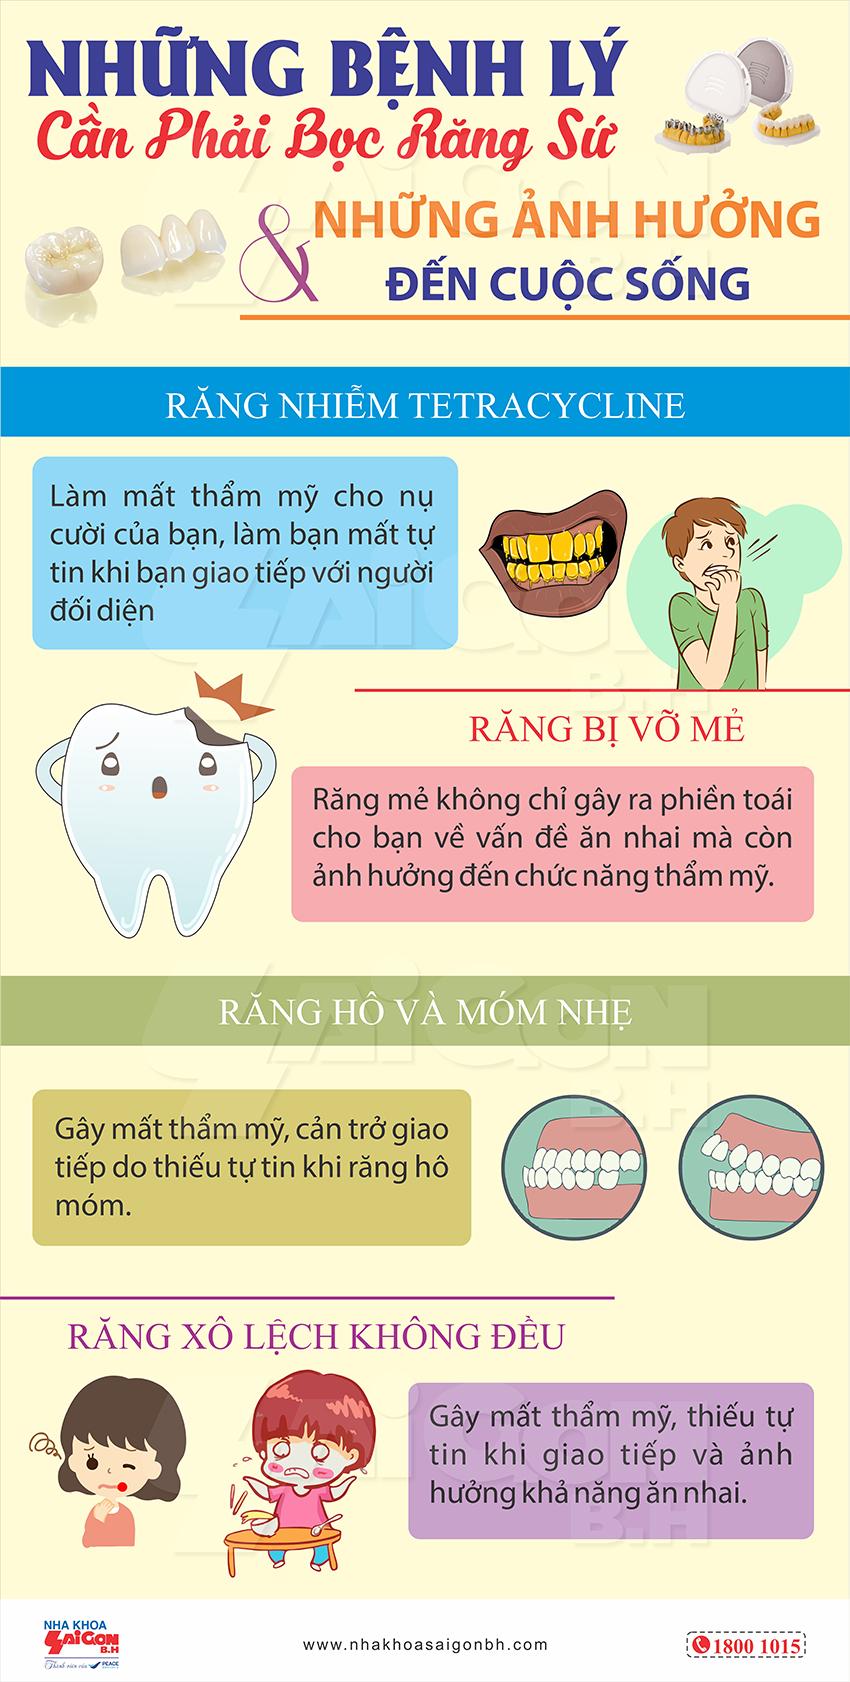 Những bệnh lý cần phải bọc răng sứ và những ảnh hưởng đến cuộc sống